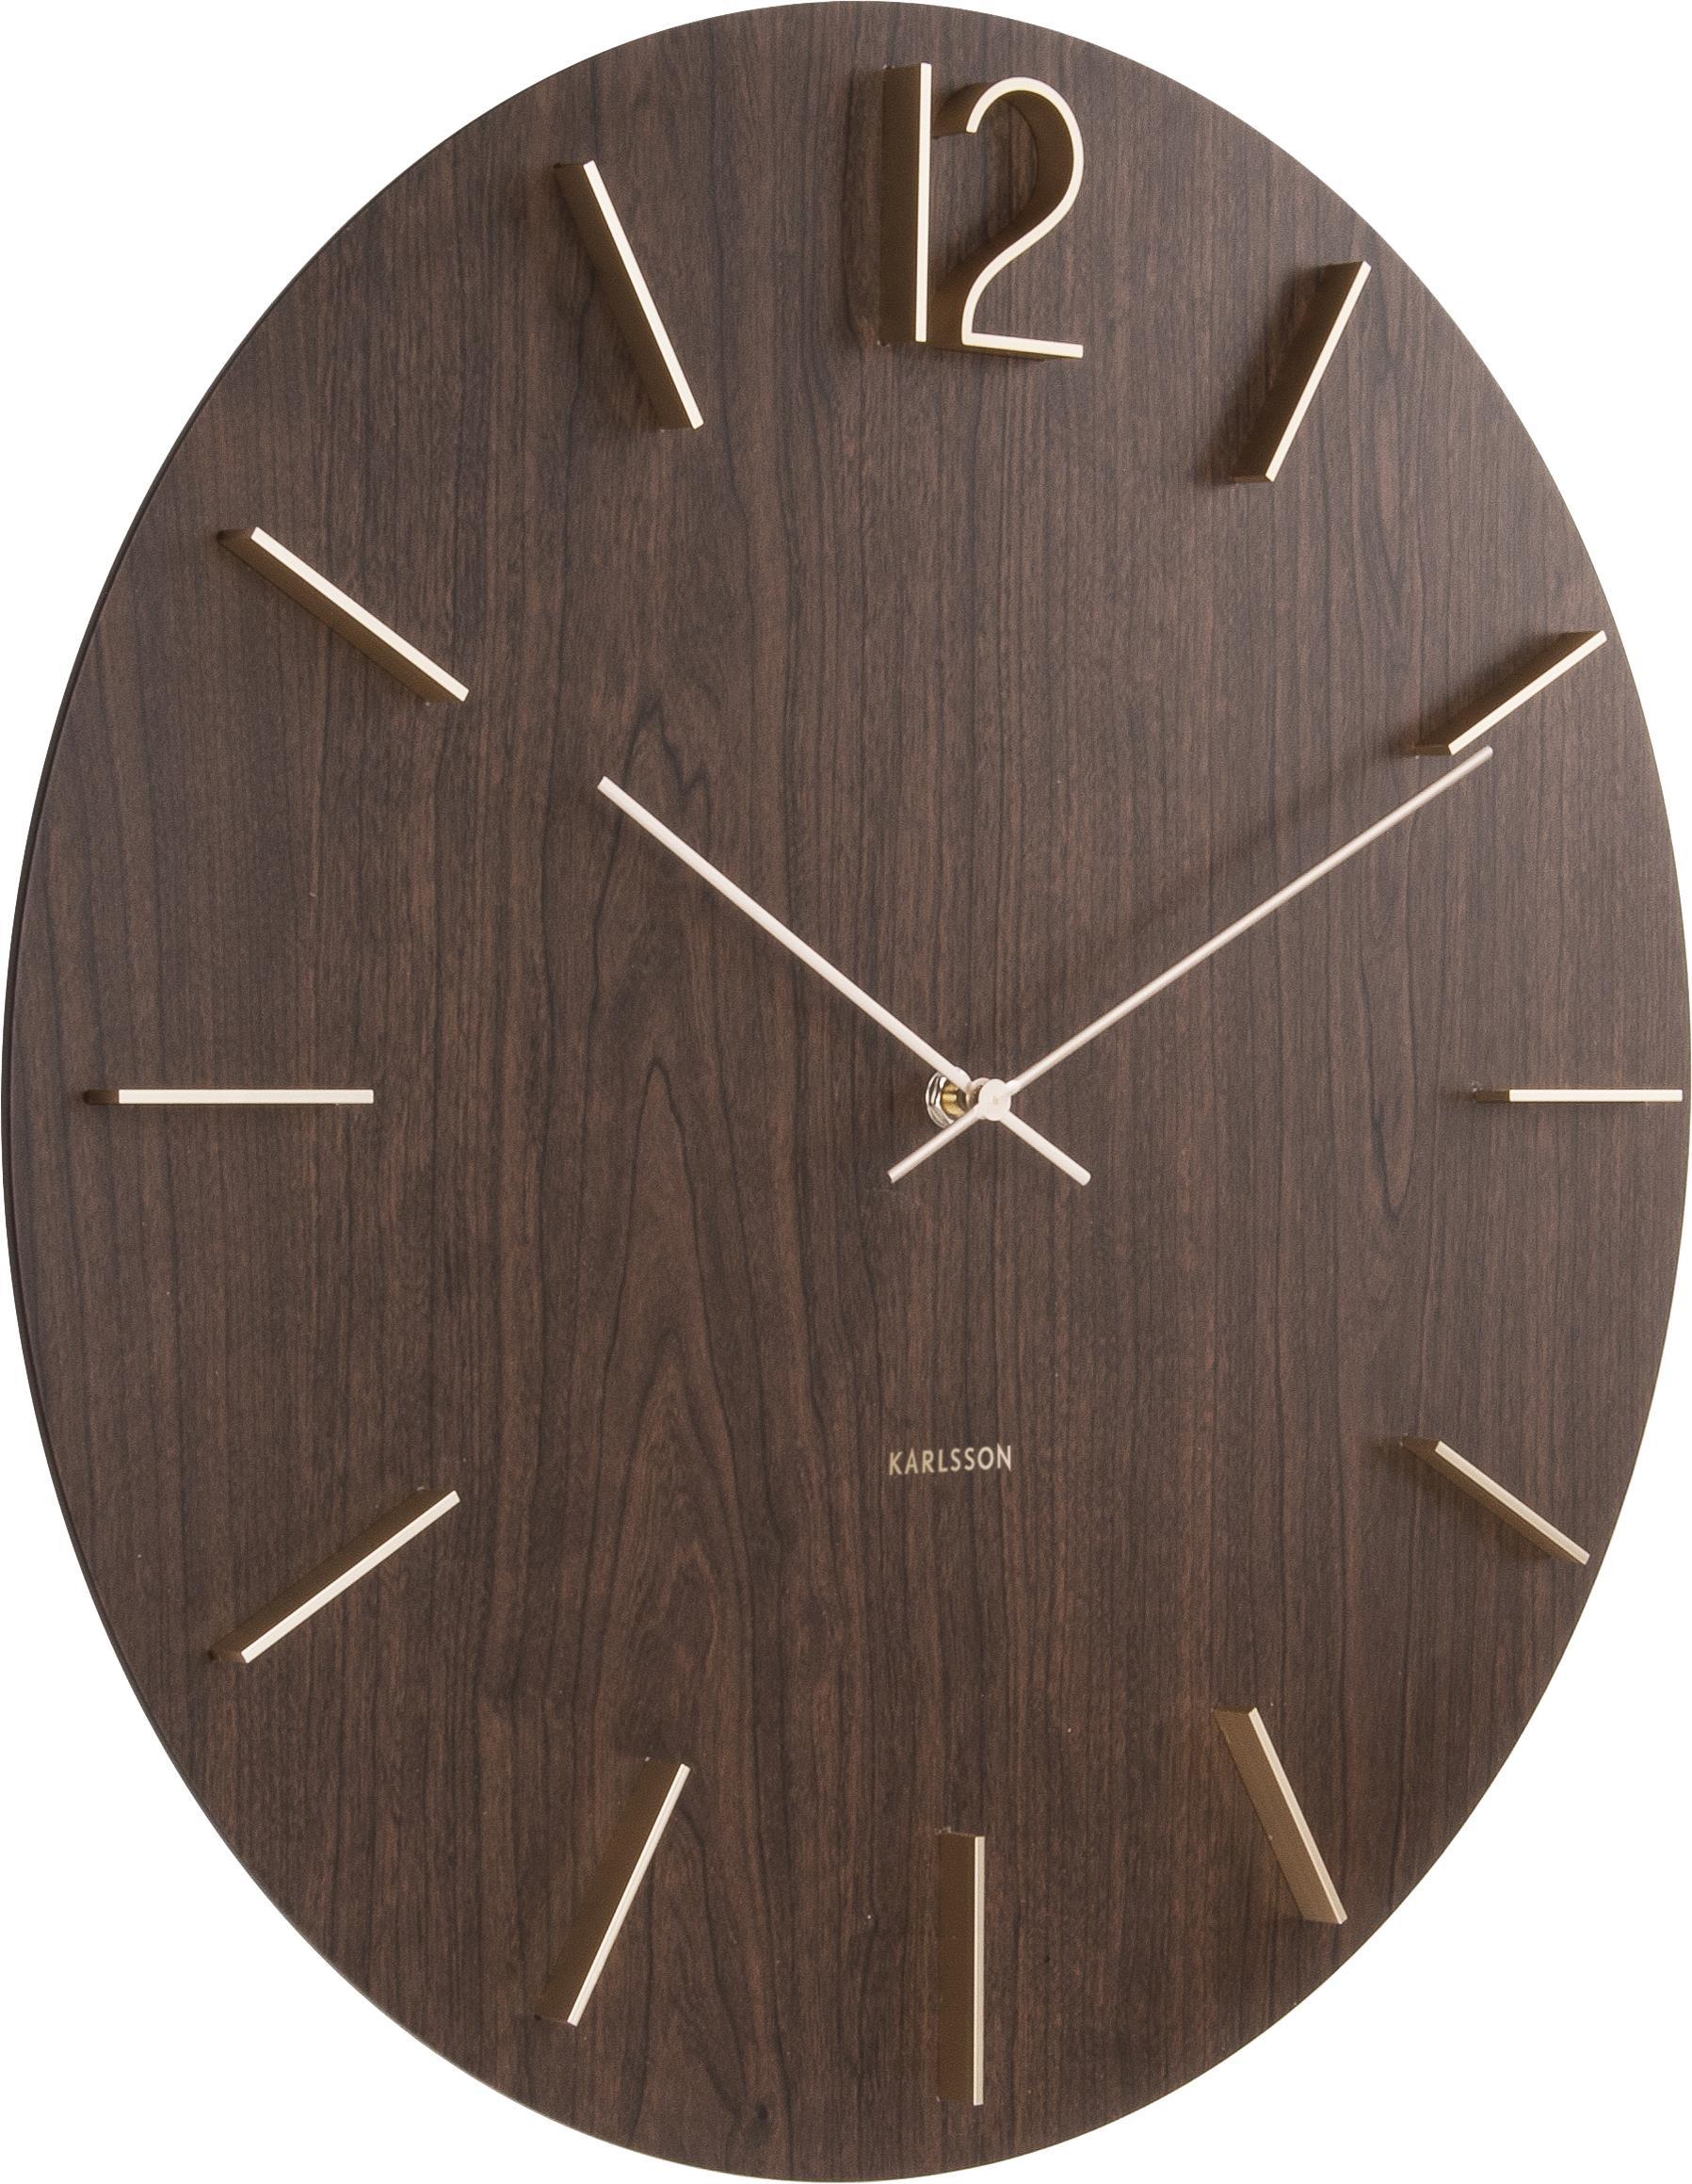 Đồng hồ gỗ treo tường chất liệu gỗ mdf máy kim trôi thiết kế in theo yêu cầu decor trang trí nhà và quán cafe